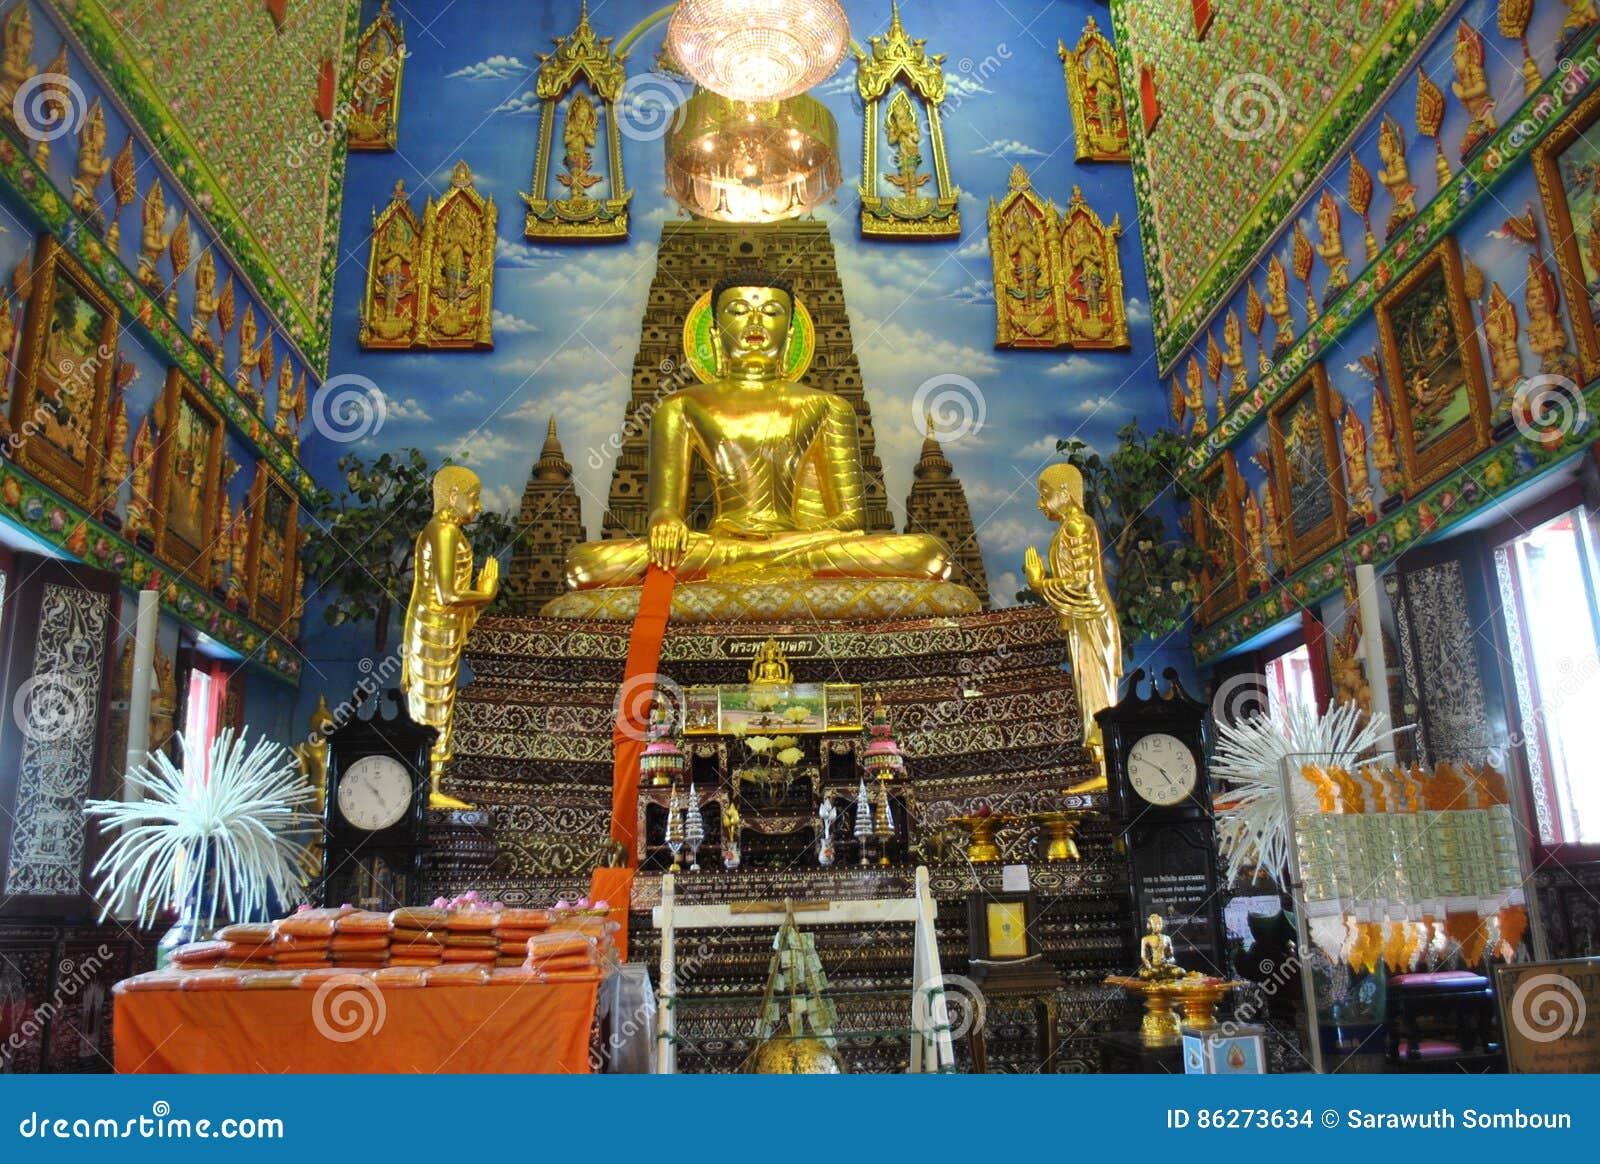 Wat Gebäude Gold-Buddha-Statue Architectur-Einblickes buddhistisches buakwan nonthaburi Thailand